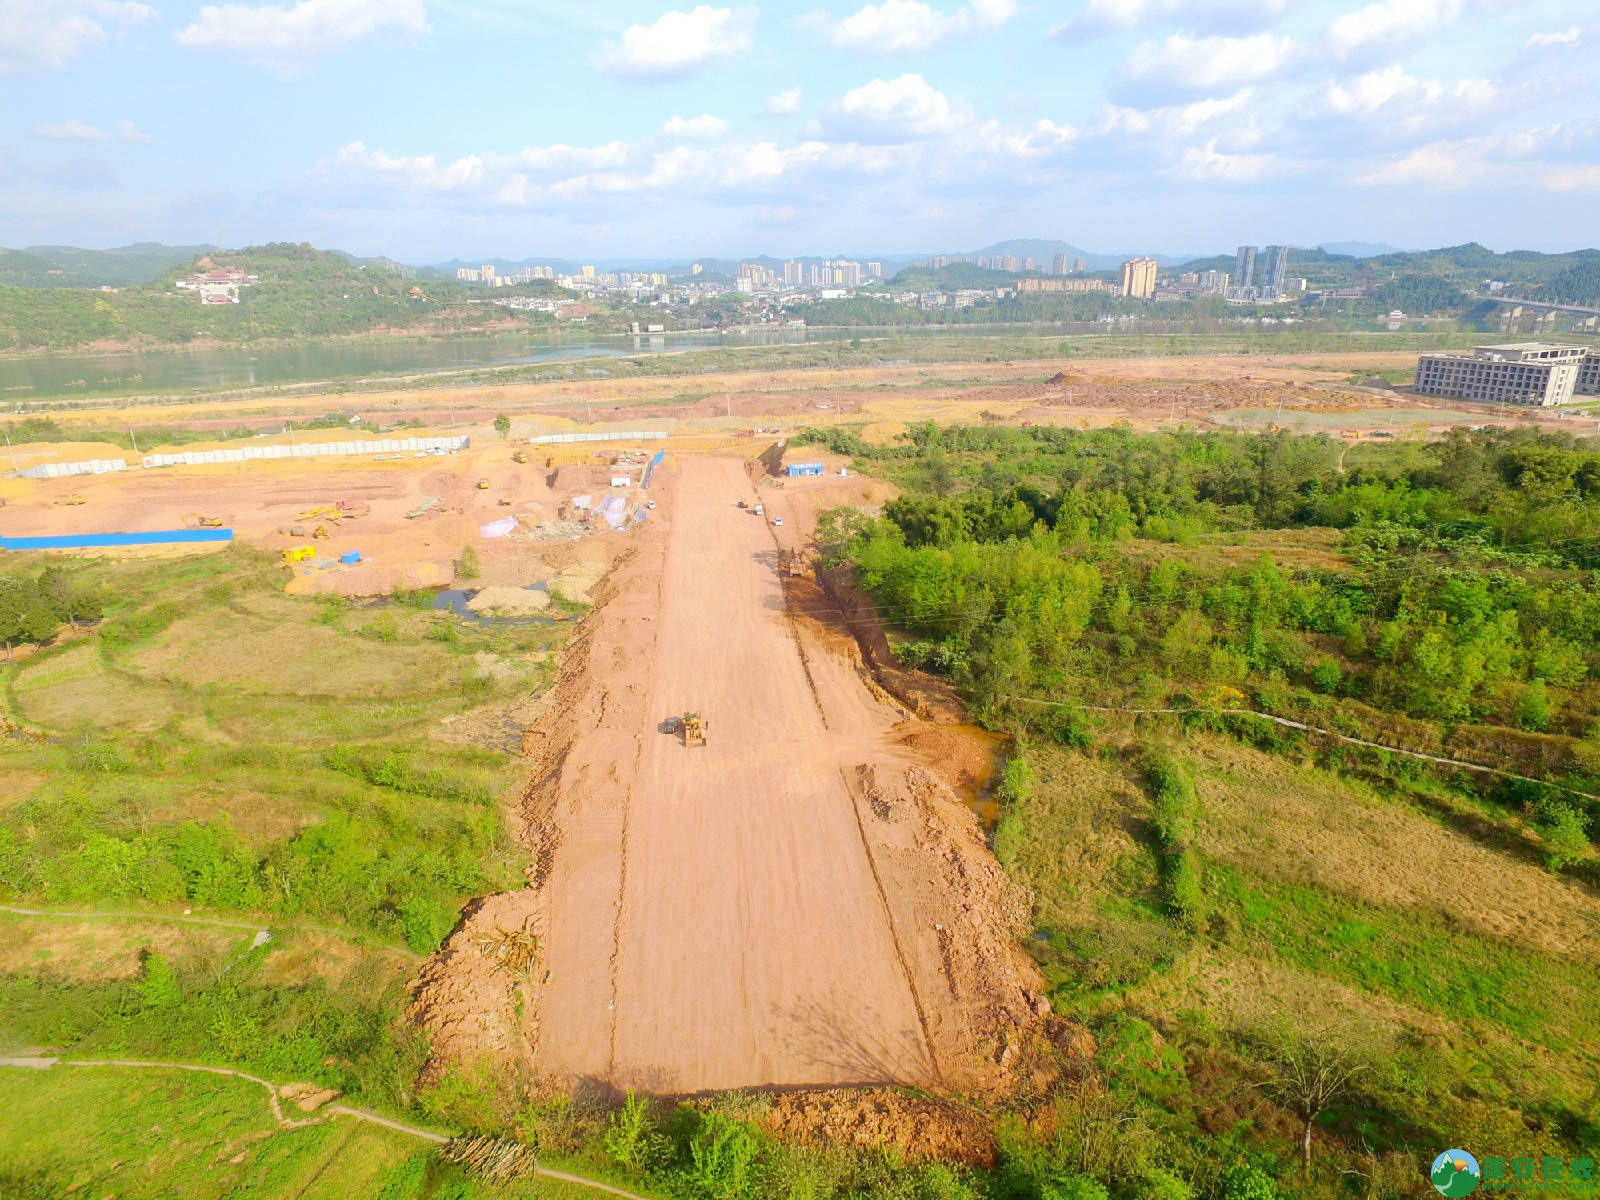 蓬安县锦屏镇湿地公园跑道、纵一道路、干一道工程进度(2018年4月6日) - 第7张  | 蓬安在线